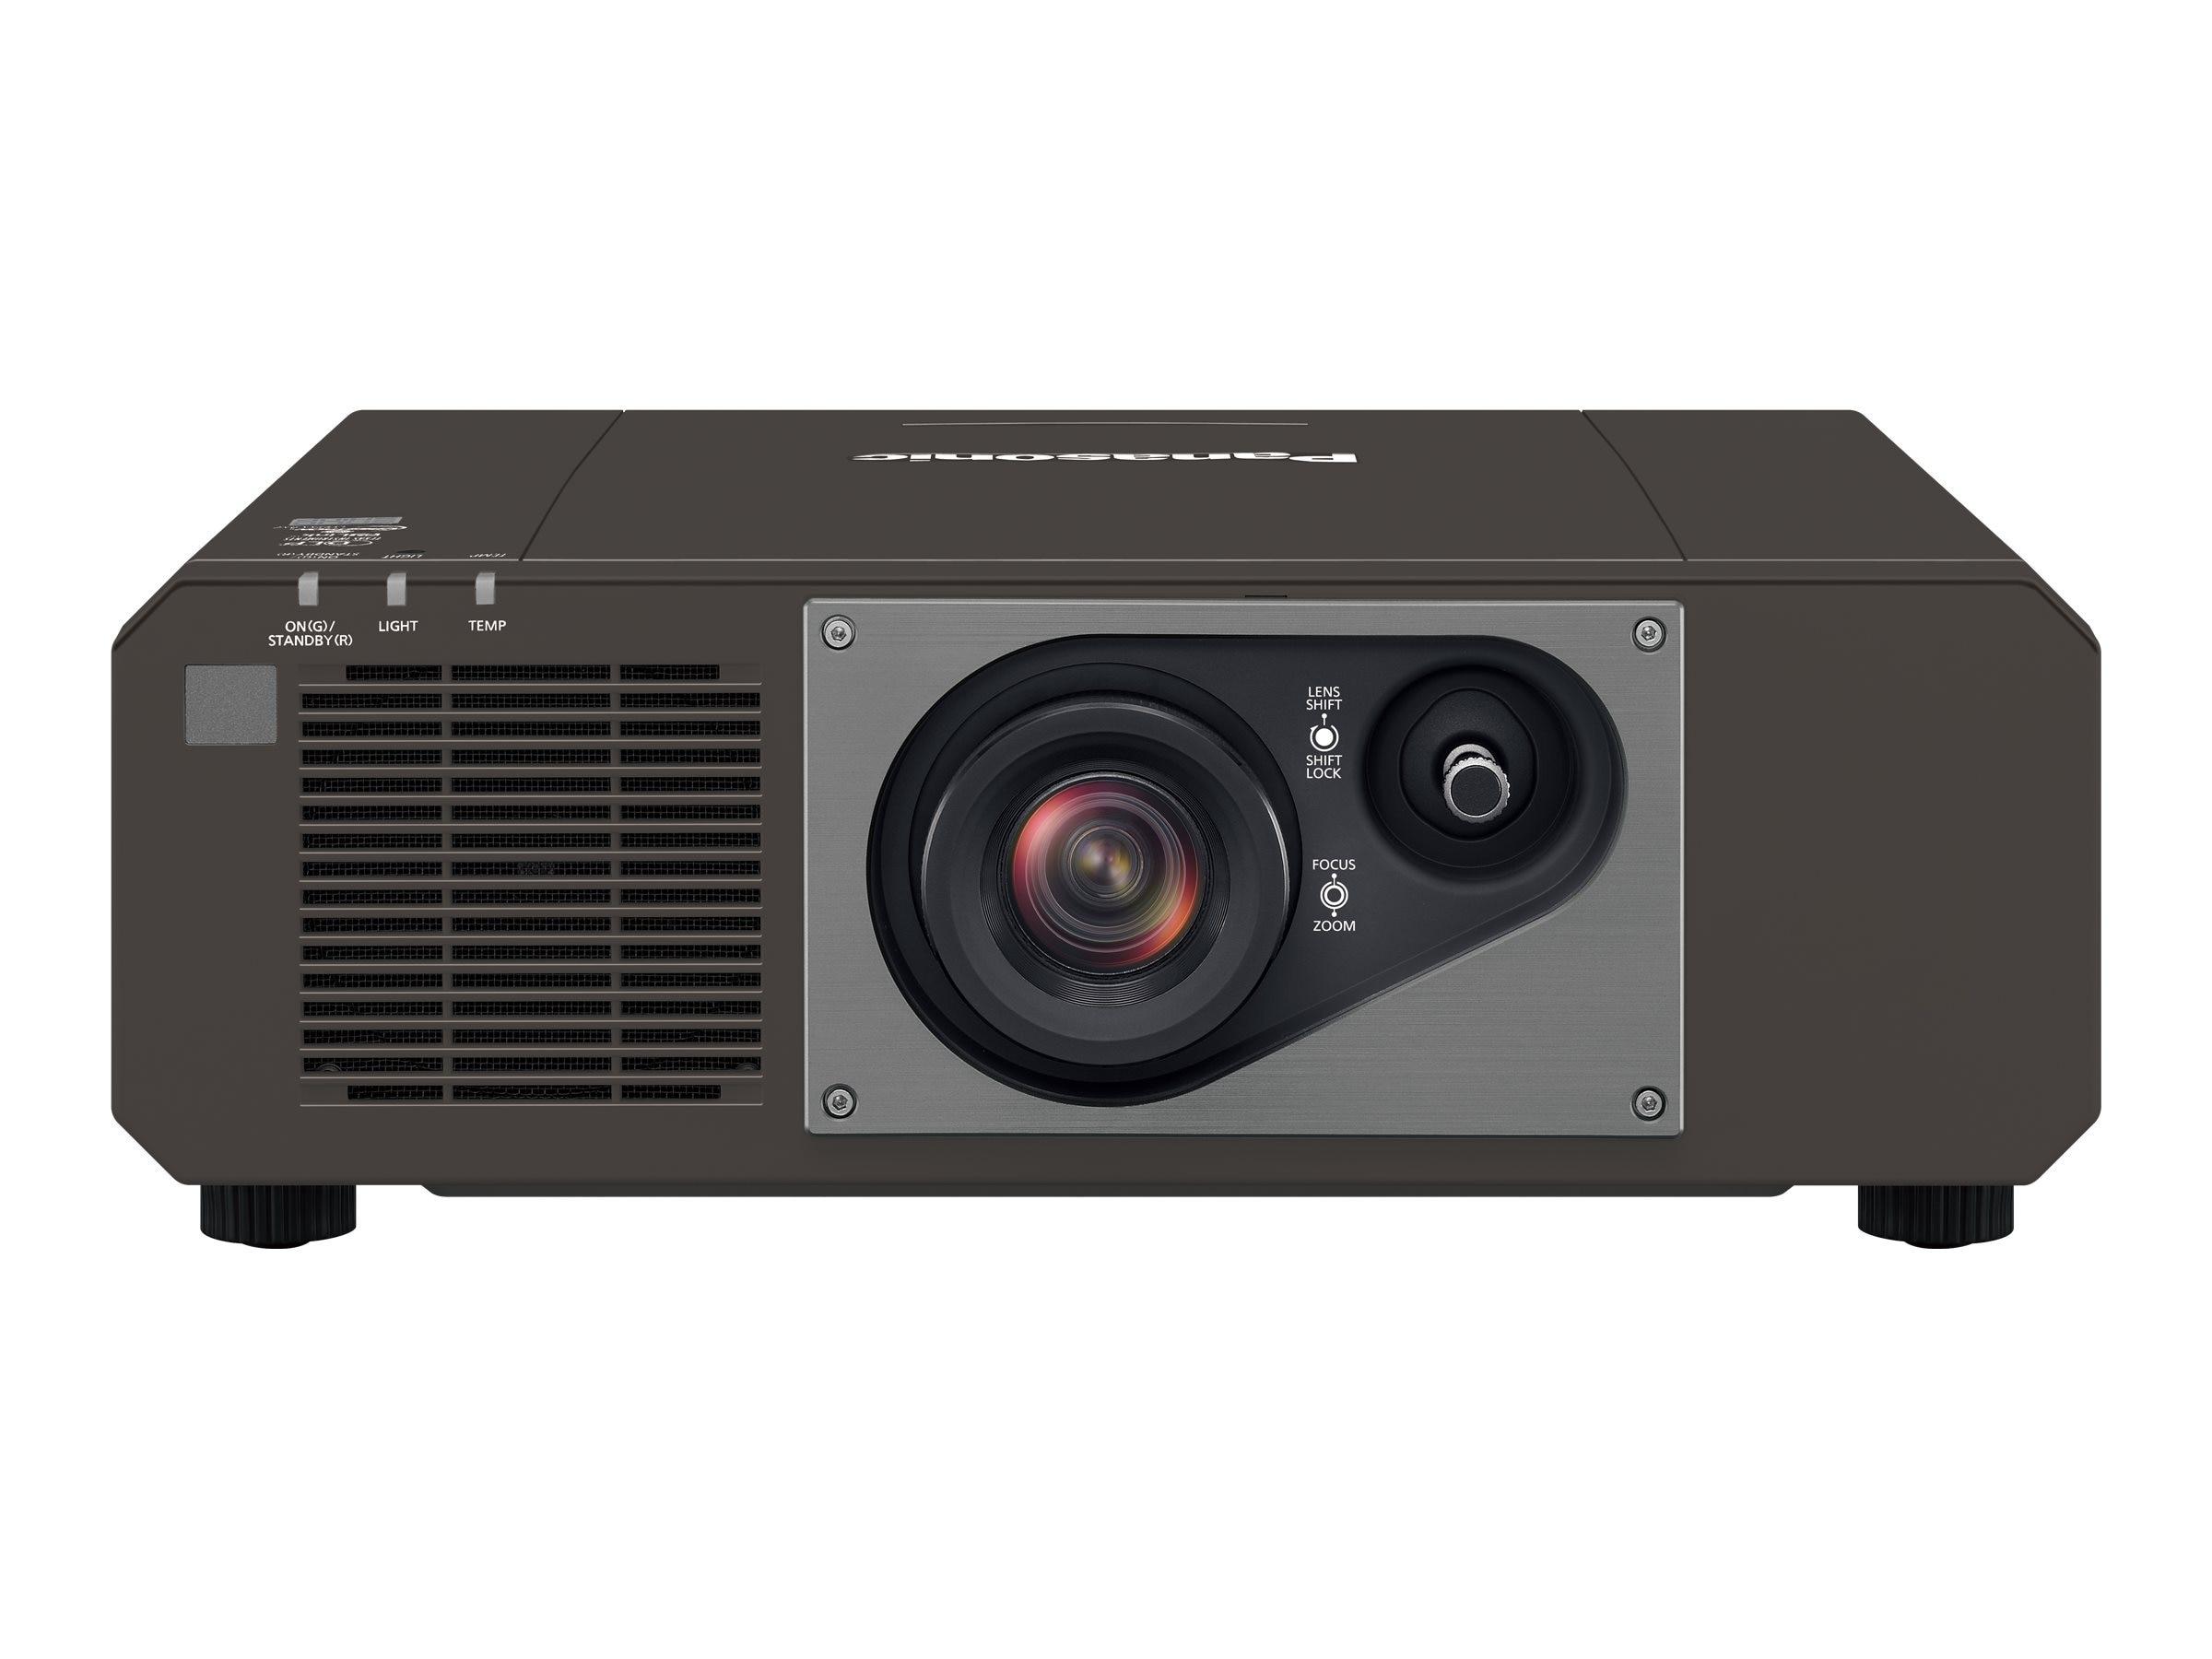 Panasonic PT-RZ570BU Image 2